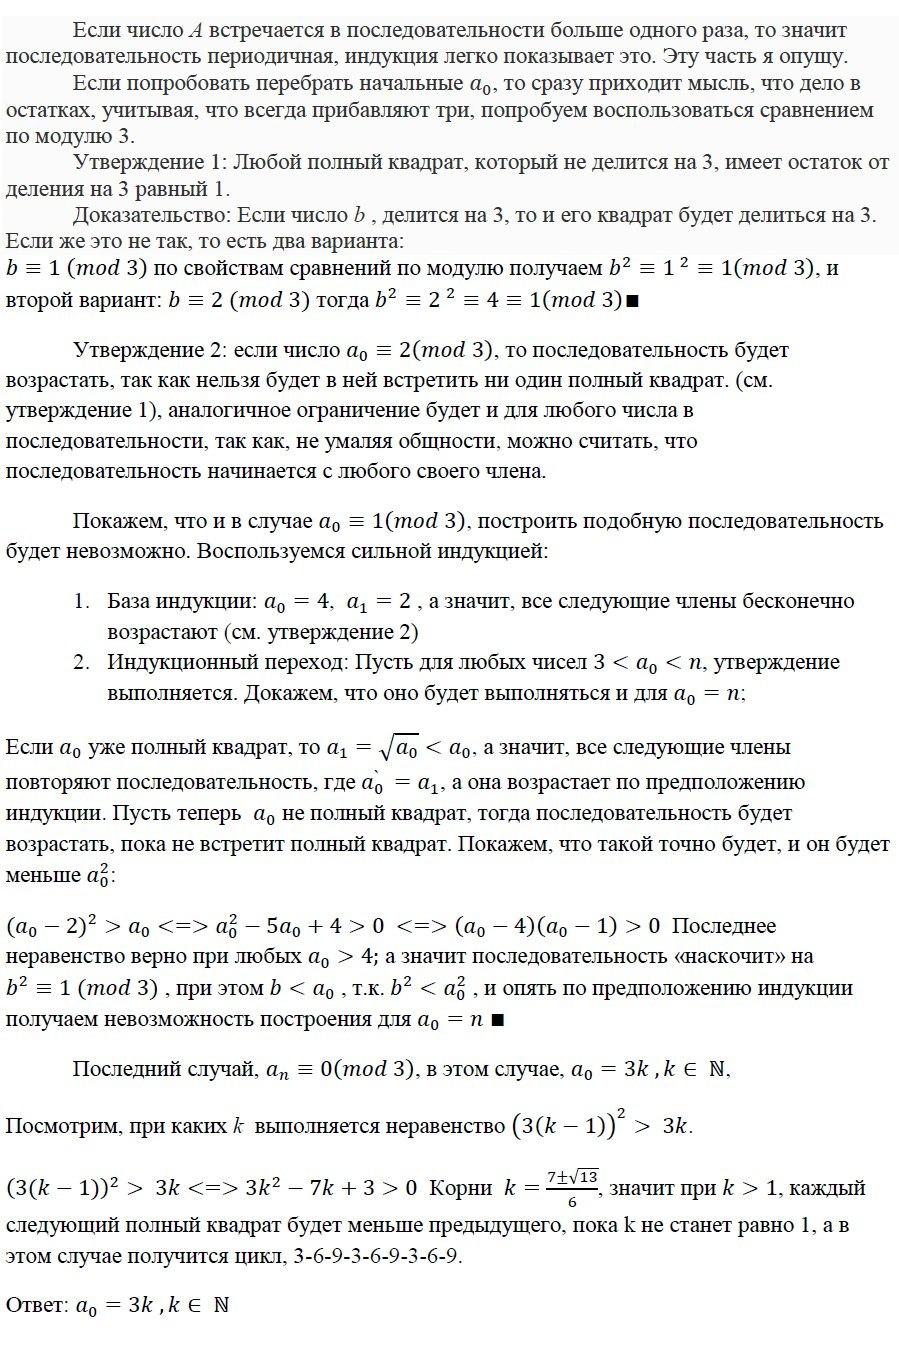 Решение задач по математике любых алгоритм решения задач по динамике 10 класс